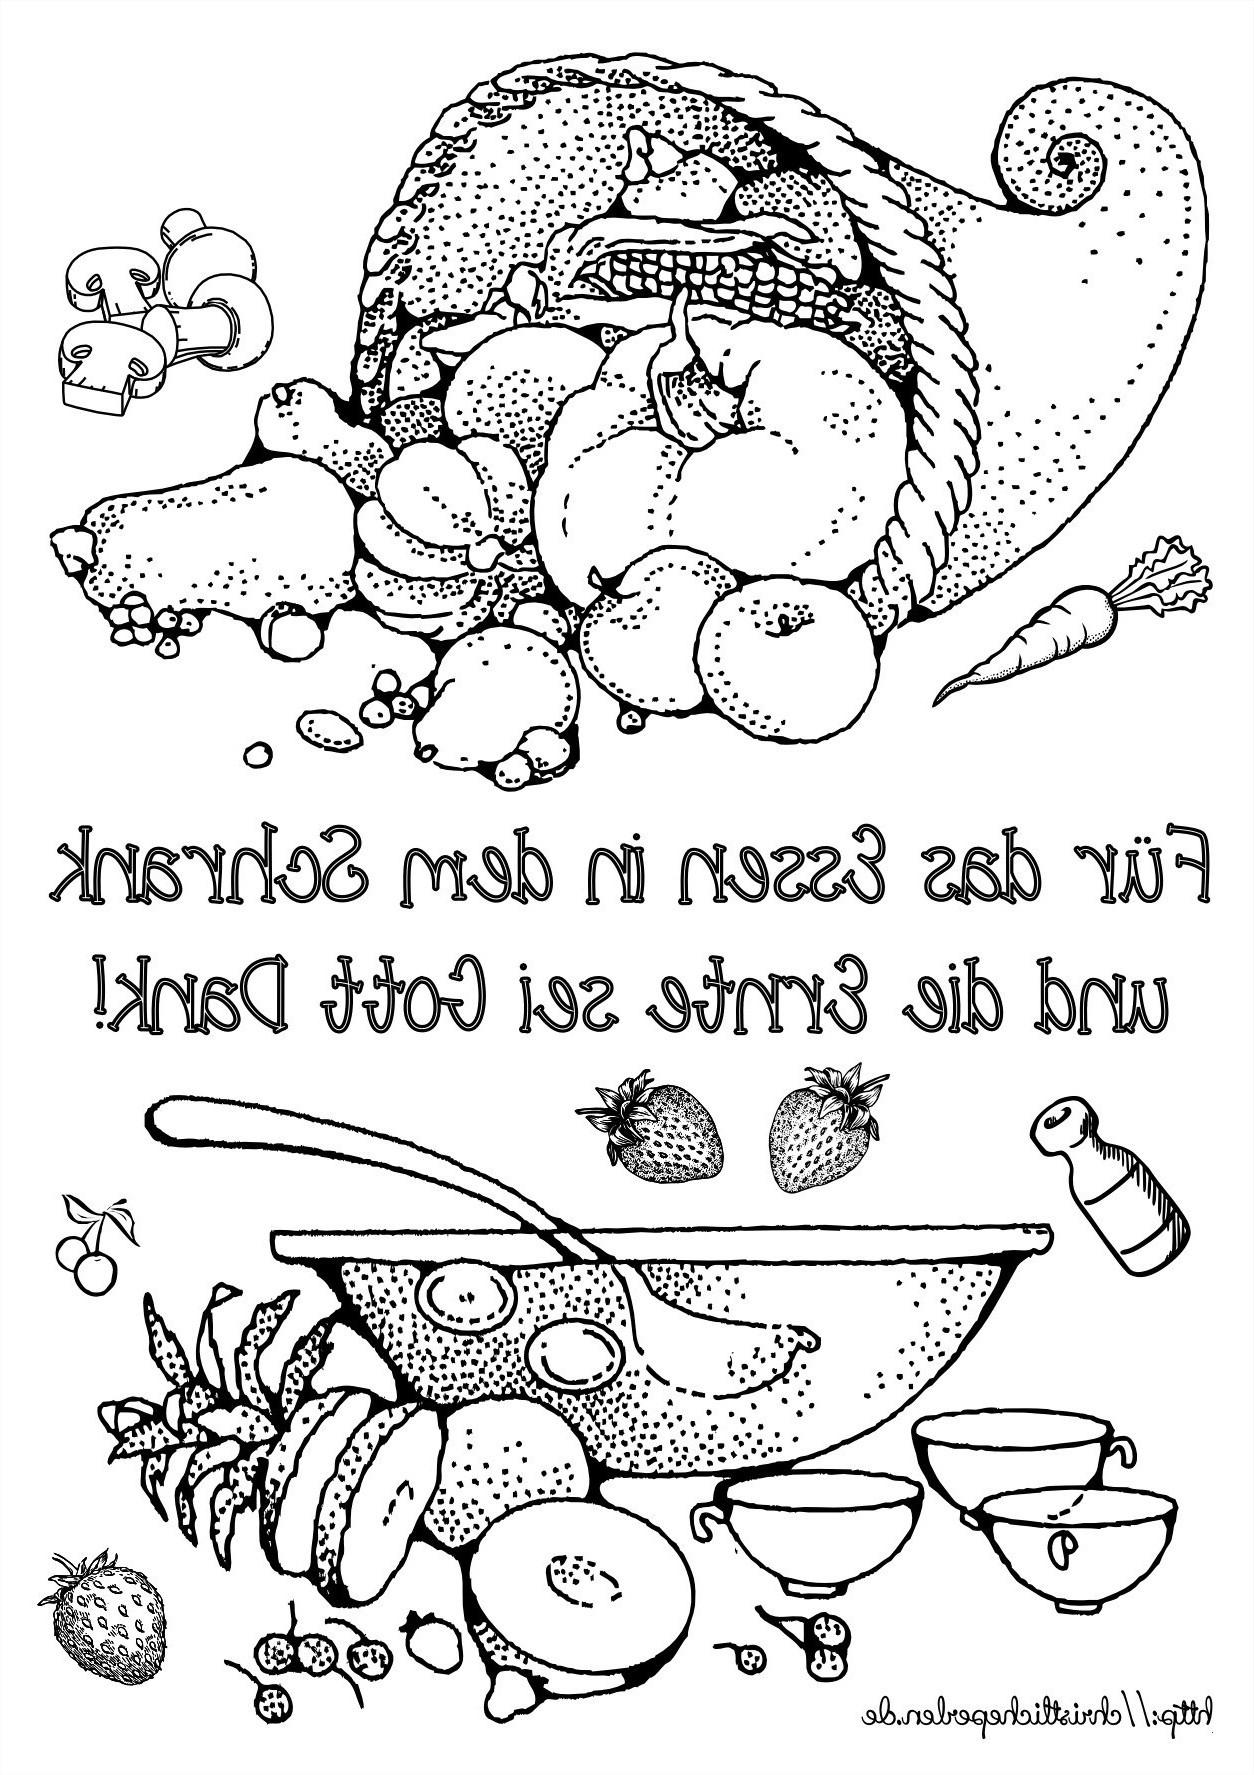 Papagei Zum Ausmalen Frisch 40 Schön Papagei Ausmalbilder – Große Coloring Page Sammlung Bild